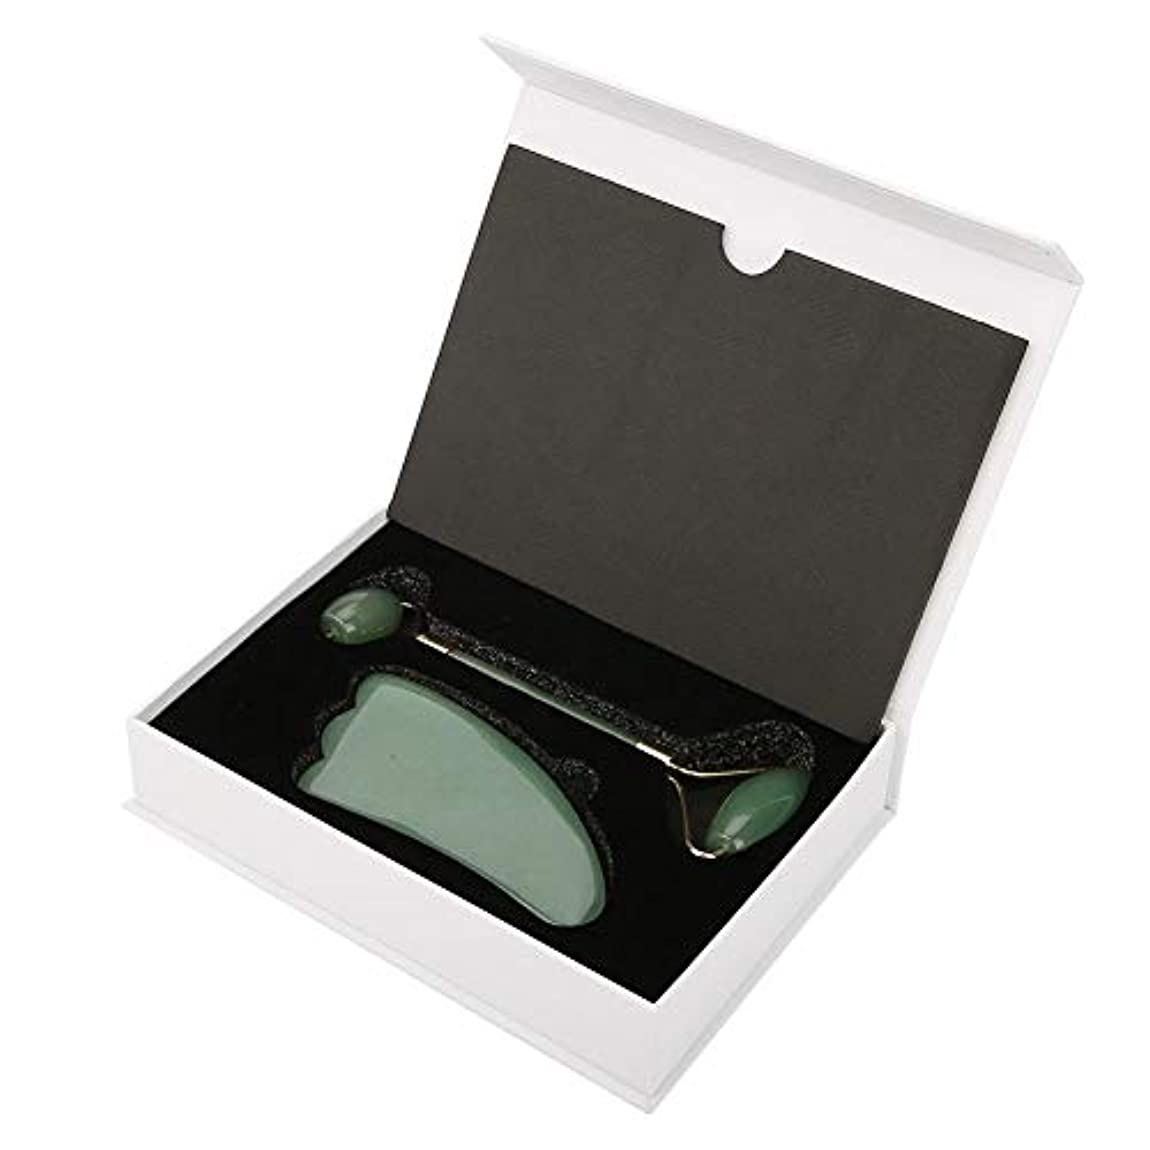 静かに多分静めるダブルヘッドクォーツフェイスローラーとグアシャ削りツールギフトセット、クリスタルワンドローラーフェイスクリスタルローラー美容マッサージツールギフトセット(緑)